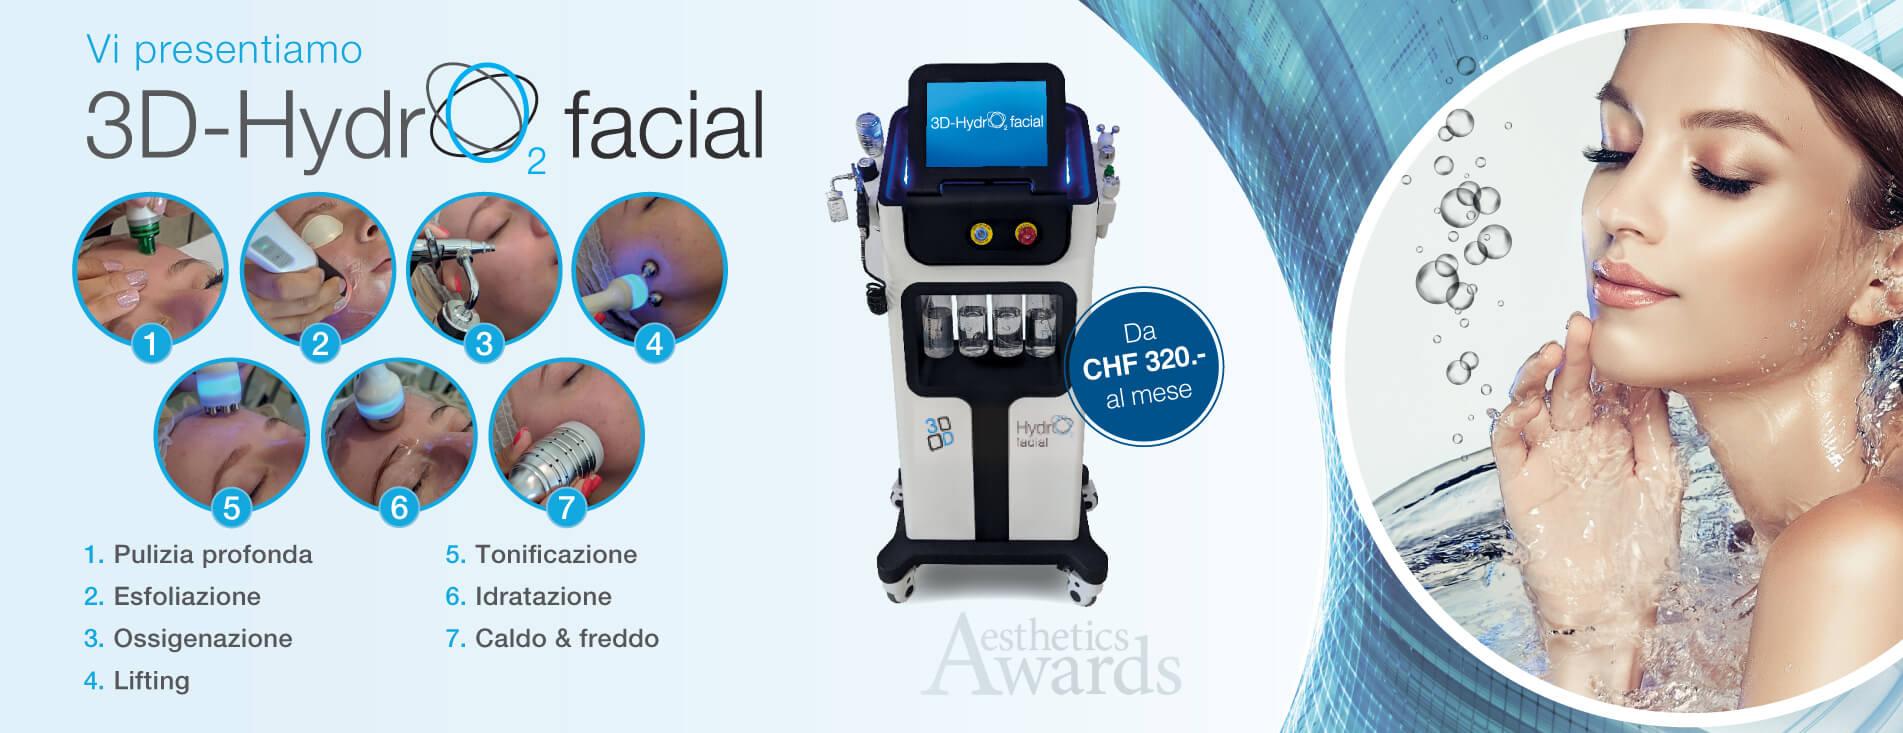 3D Hydr02 Facial IT